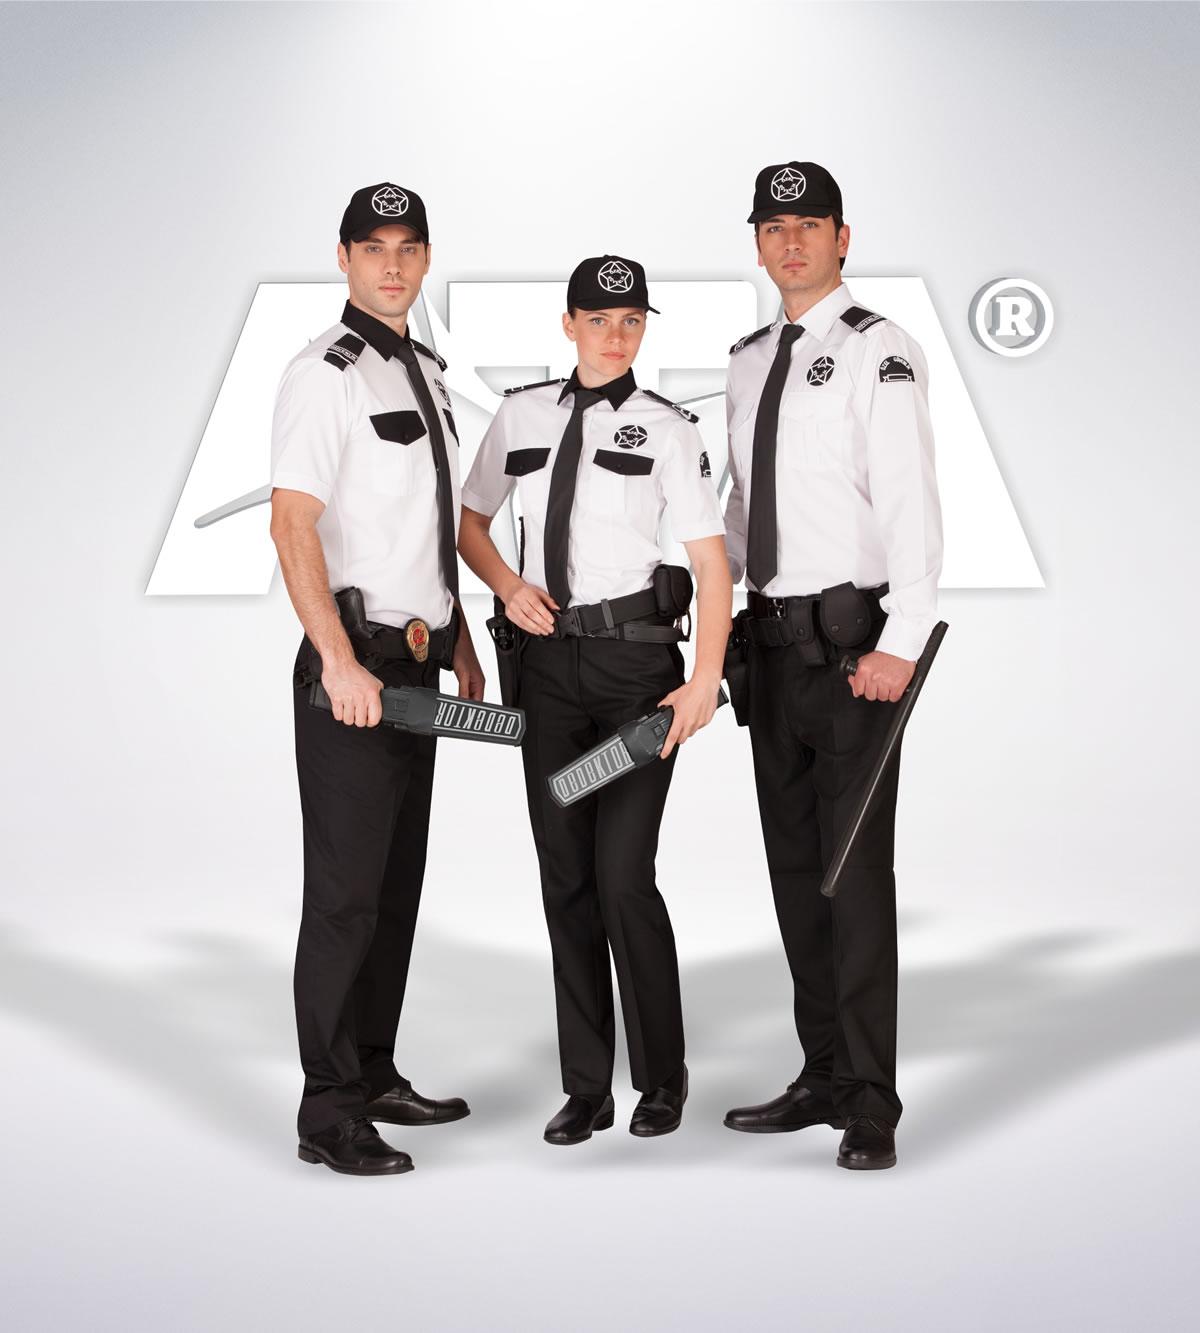 ATA 123-124-125 - Pantolon yazlık - gömlek yazlık-kışlık - aksesuar - güvenlik elbiseleri | güvenlik üniformaları | güvenlik kıyafetleri